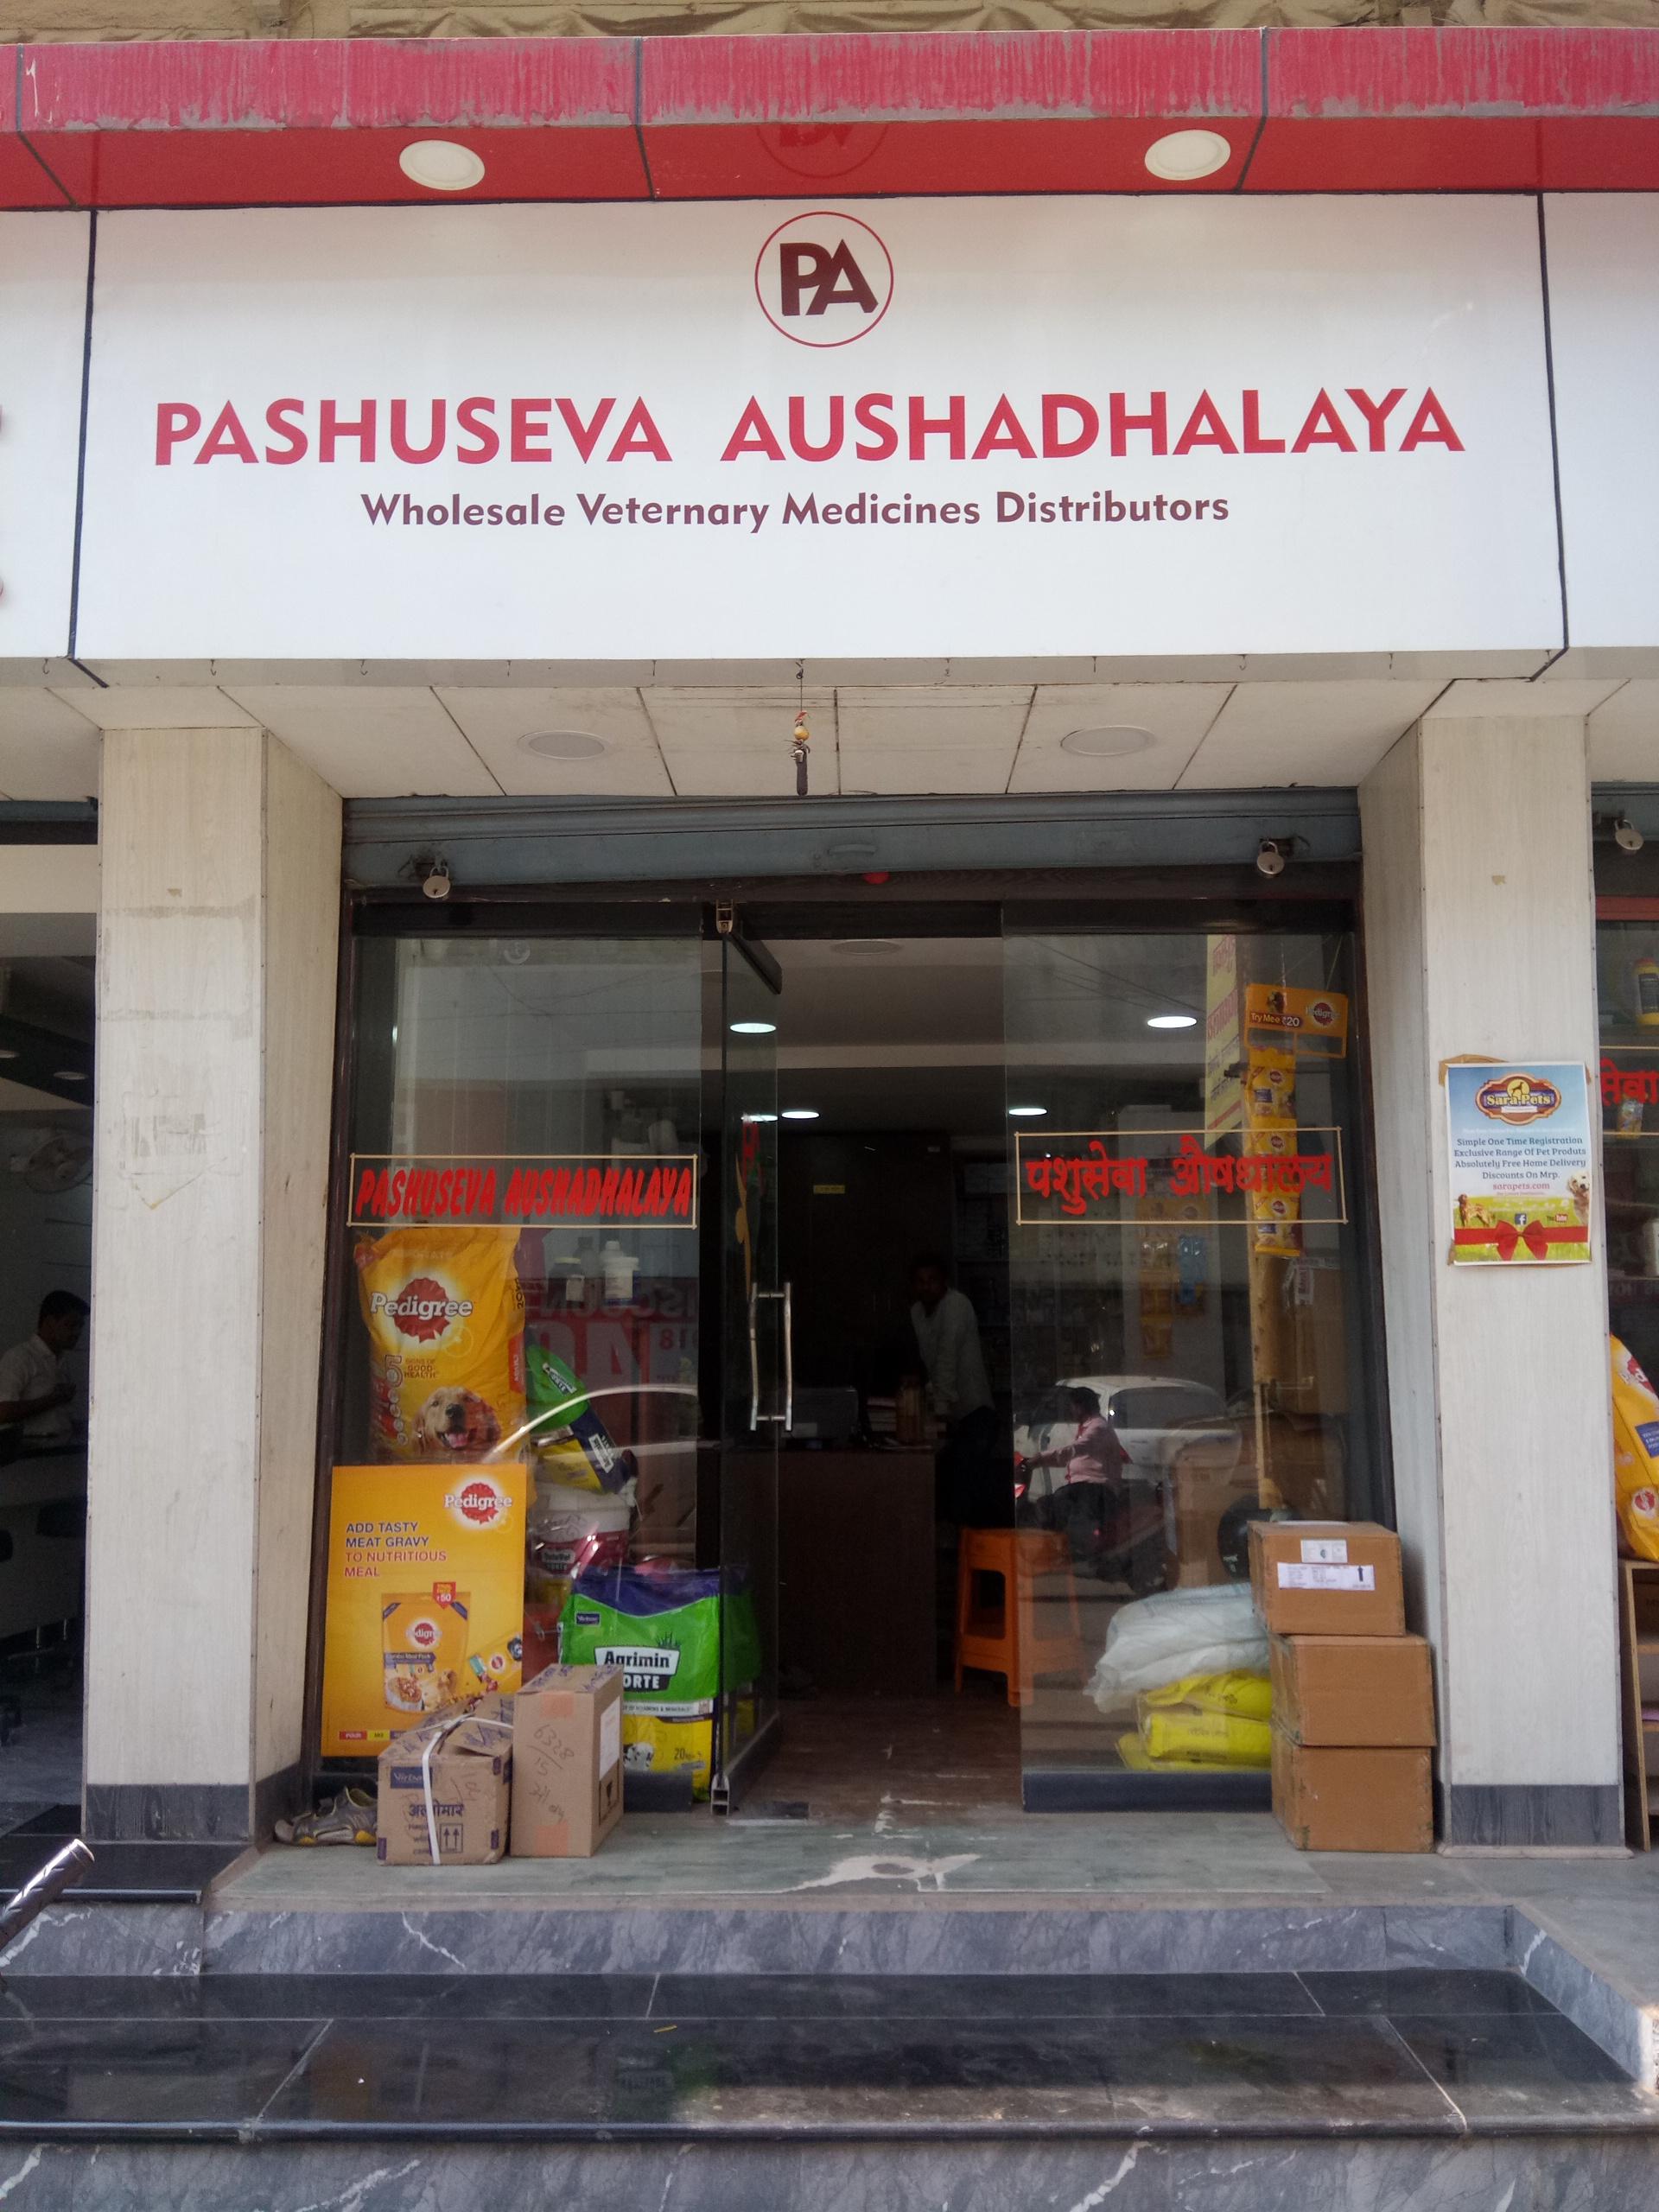 Pashuseva Aushadhalaya_image2